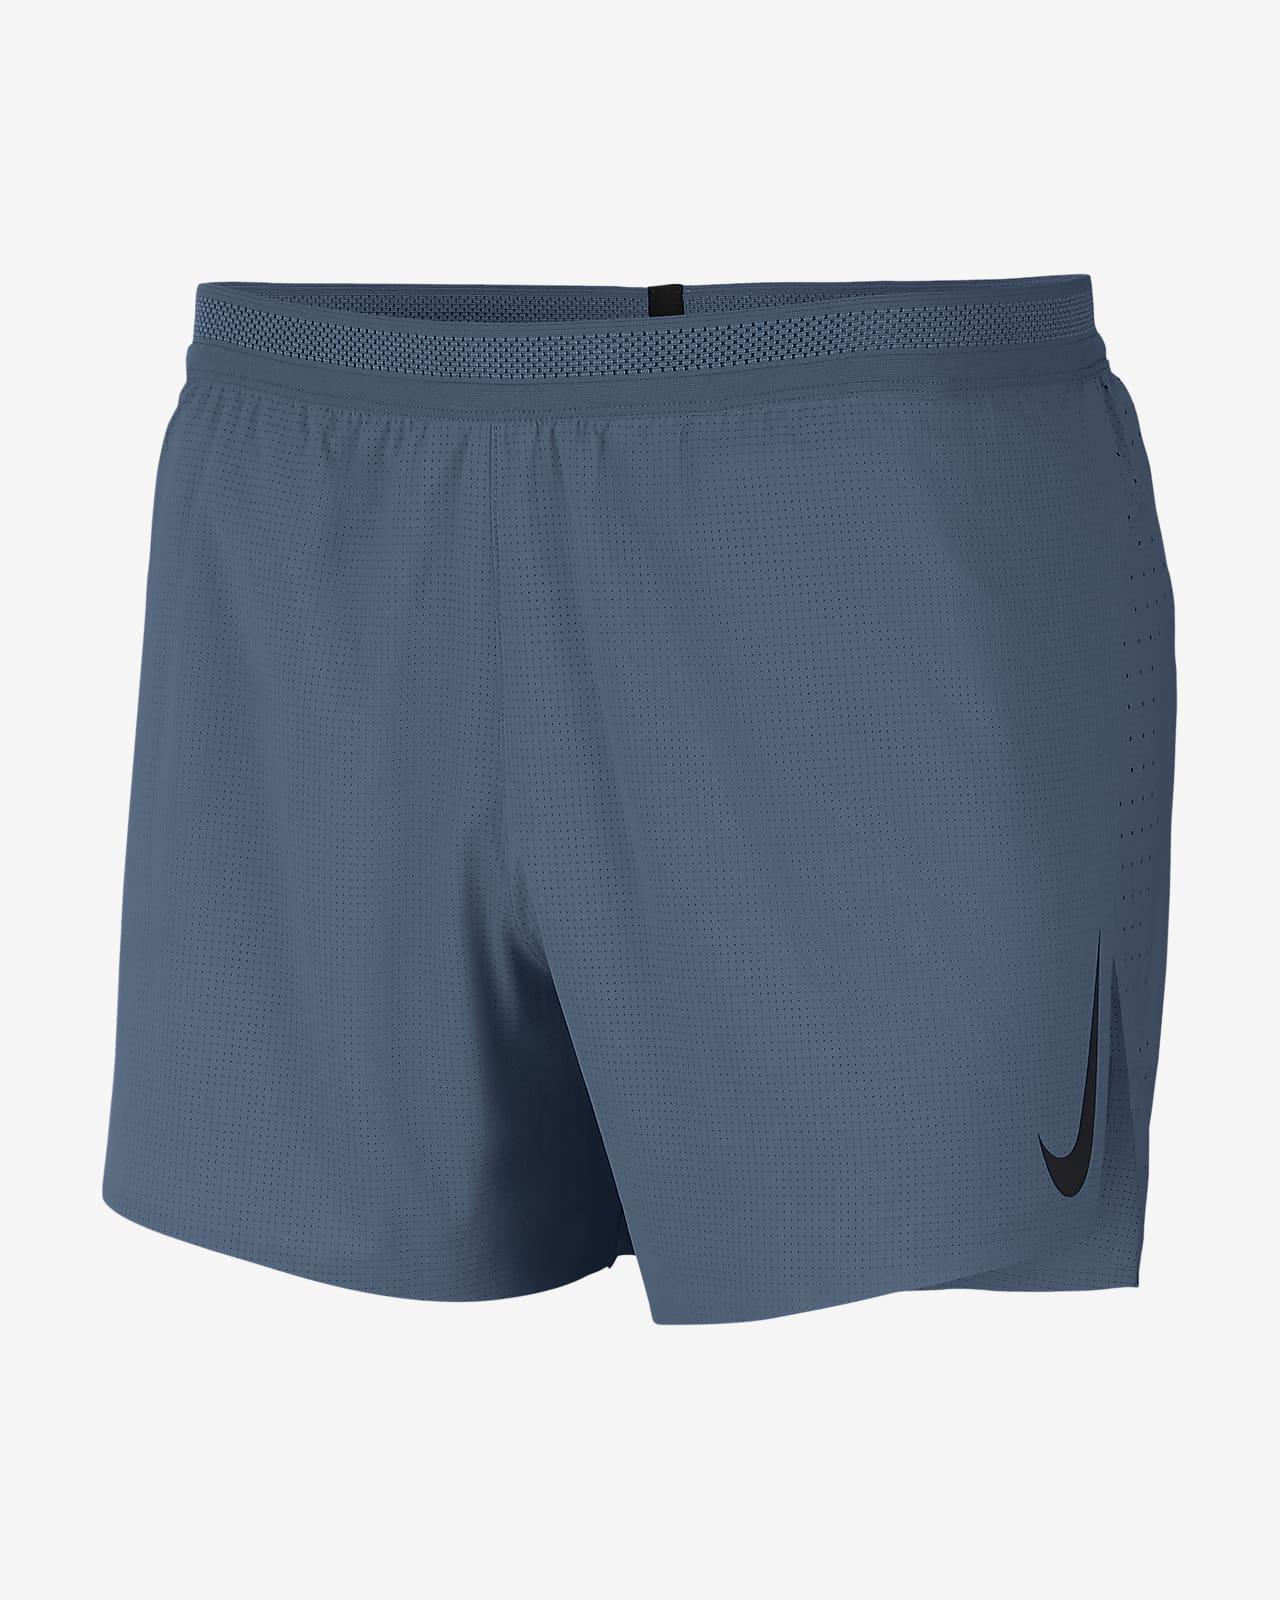 Nike Aeroswift Herren Laufshorts (ca. 10 cm)